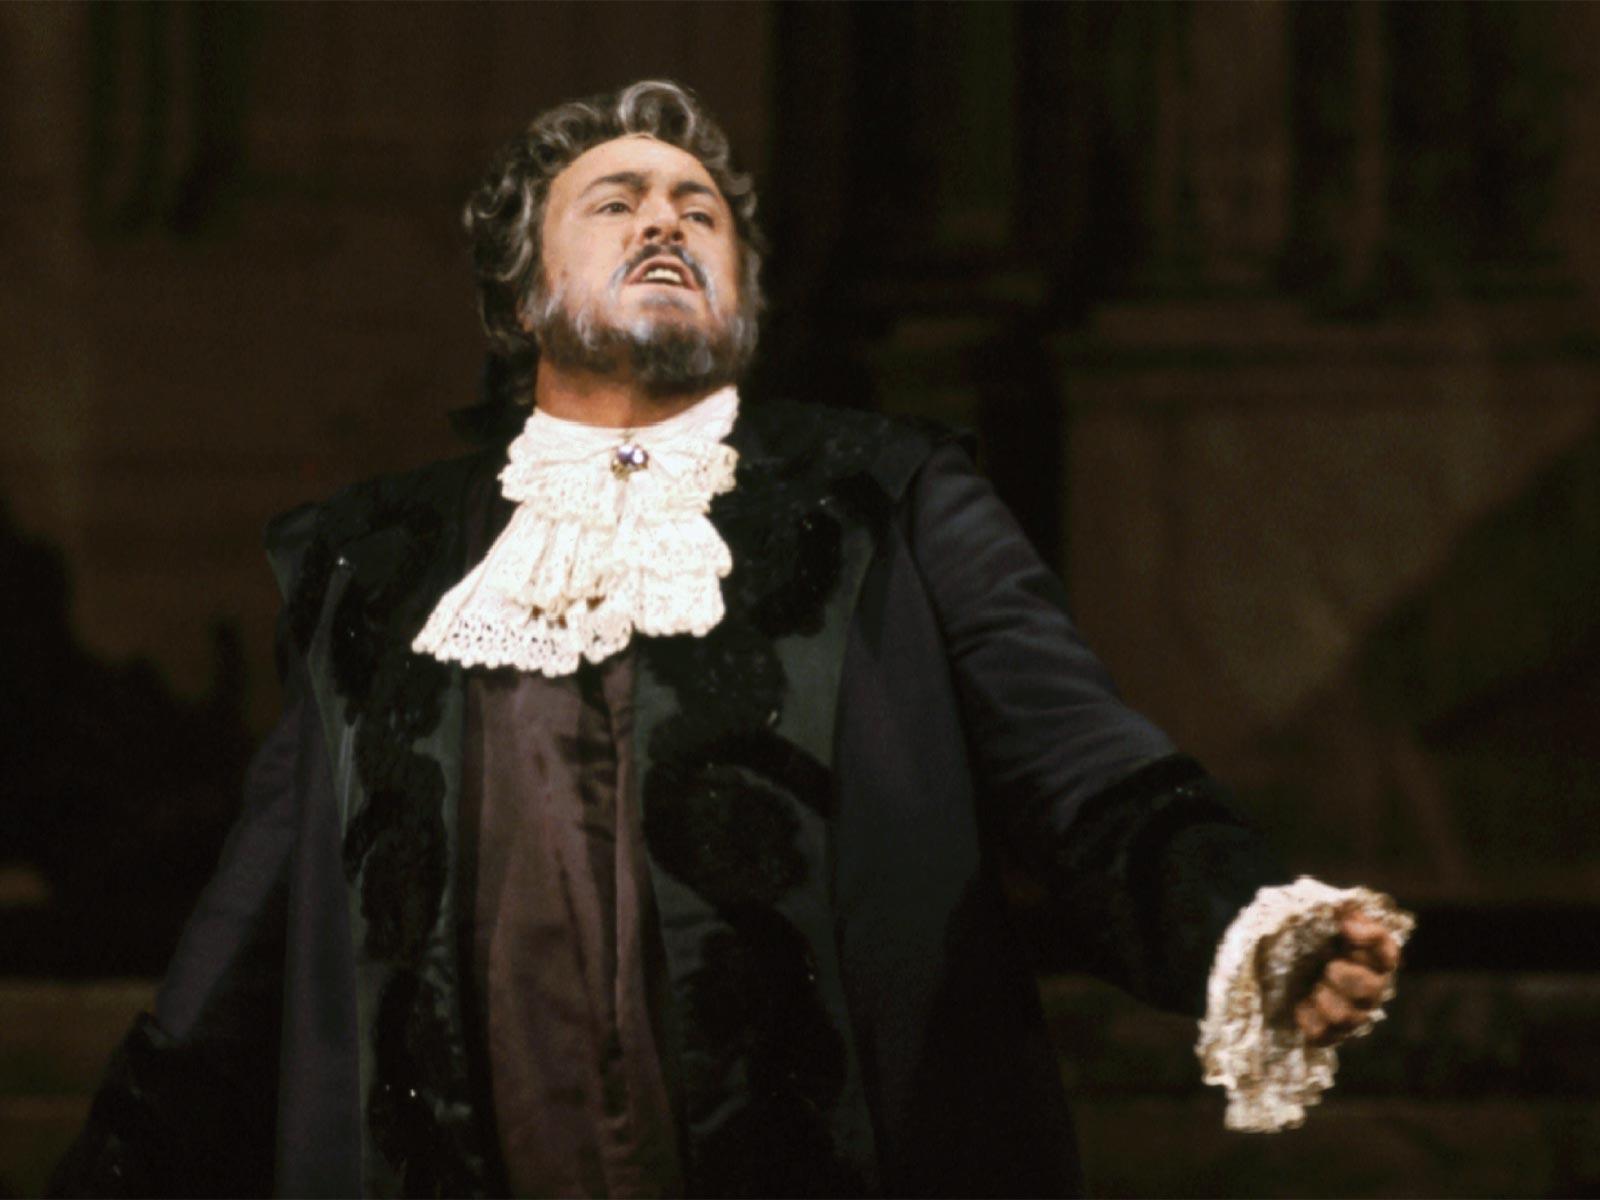 Idomeneo 2 pavarotti idomeneo slide scan.jpg